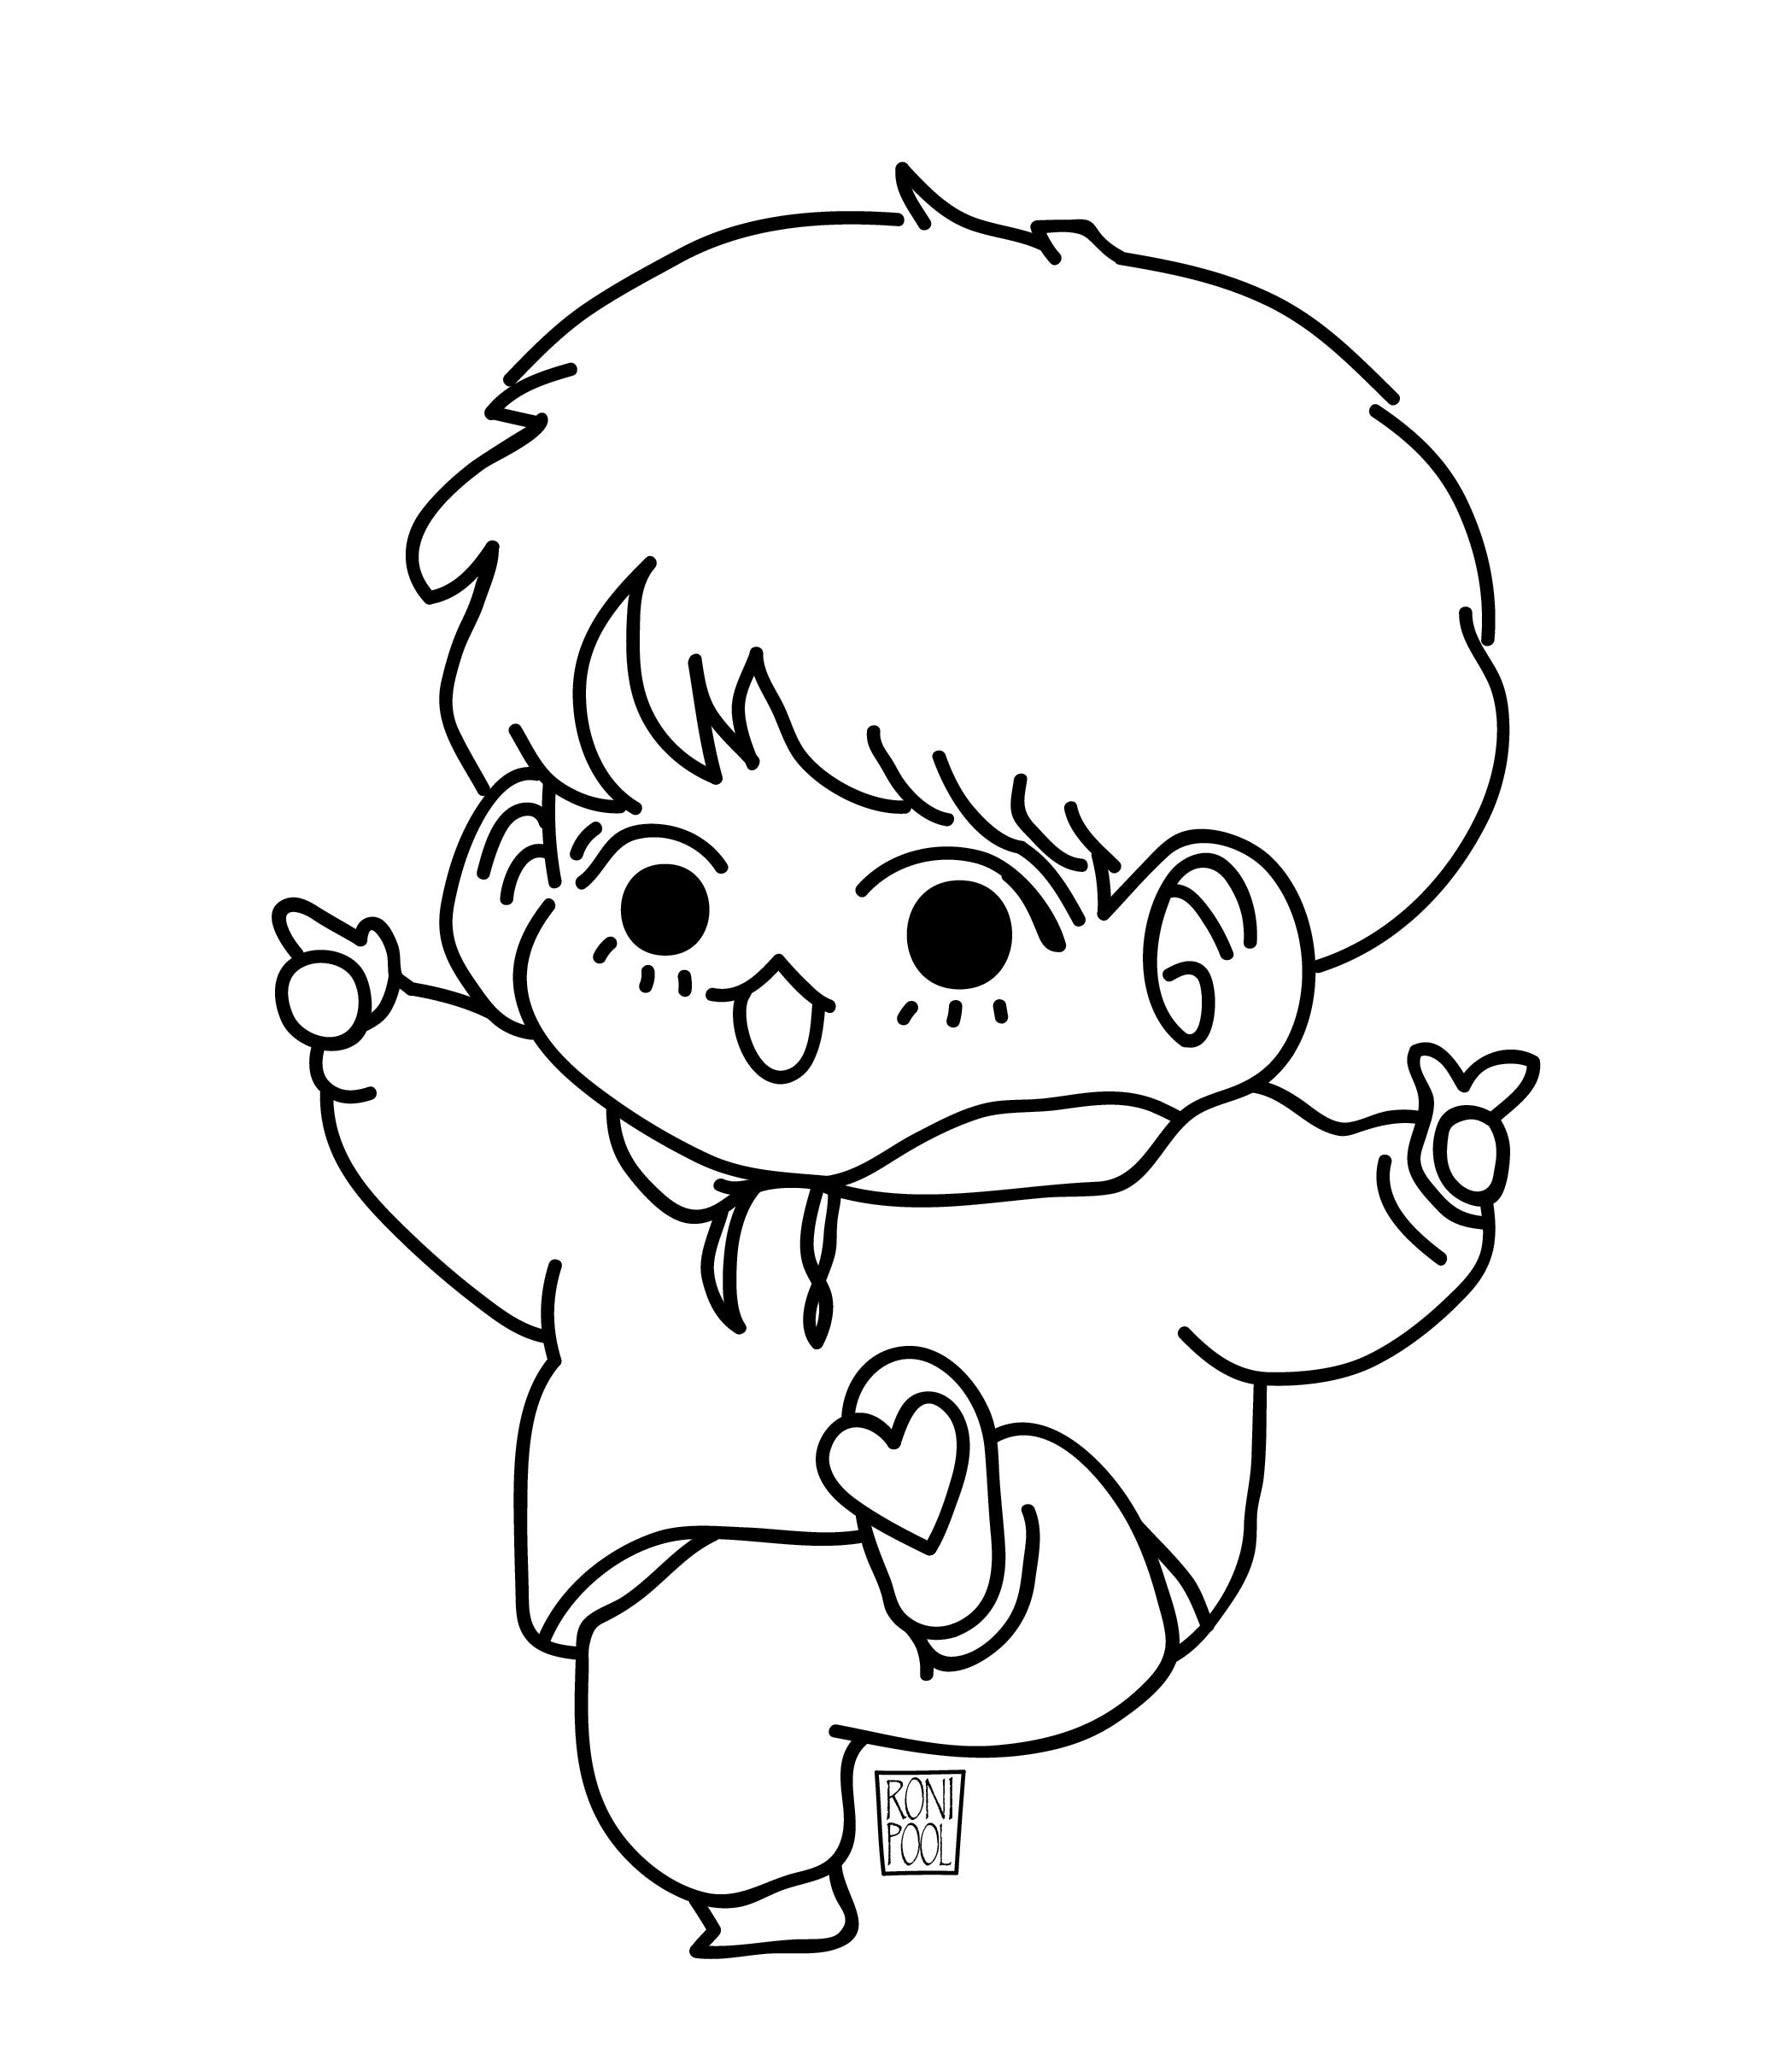 Bts Fanart Jungkook Chibi Speed Drawing Roni Pool In 2020 Drawings Line Art Drawings Bts Fanart